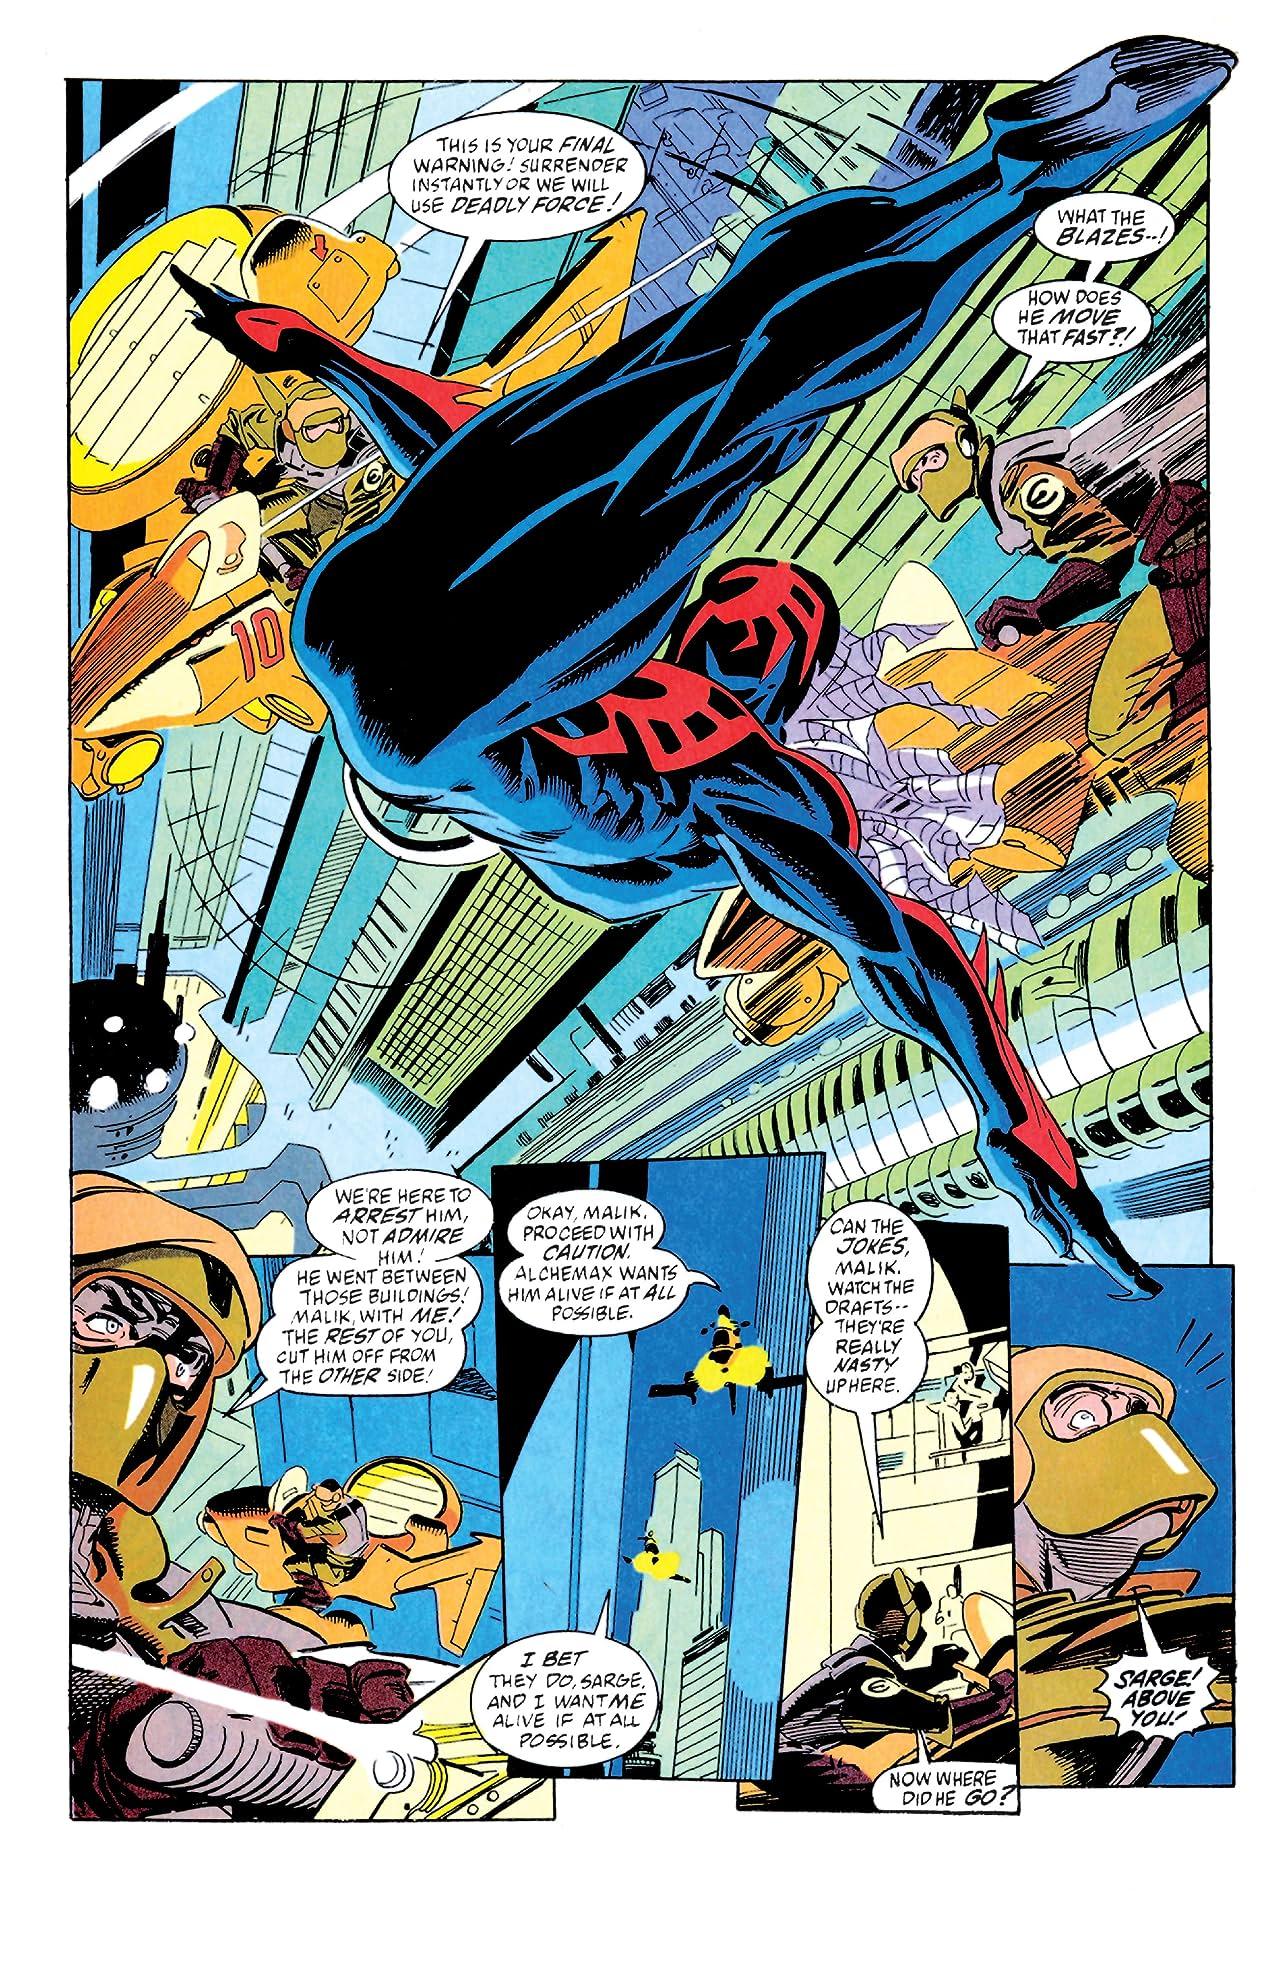 Spider-Man 2099 Vol. 1